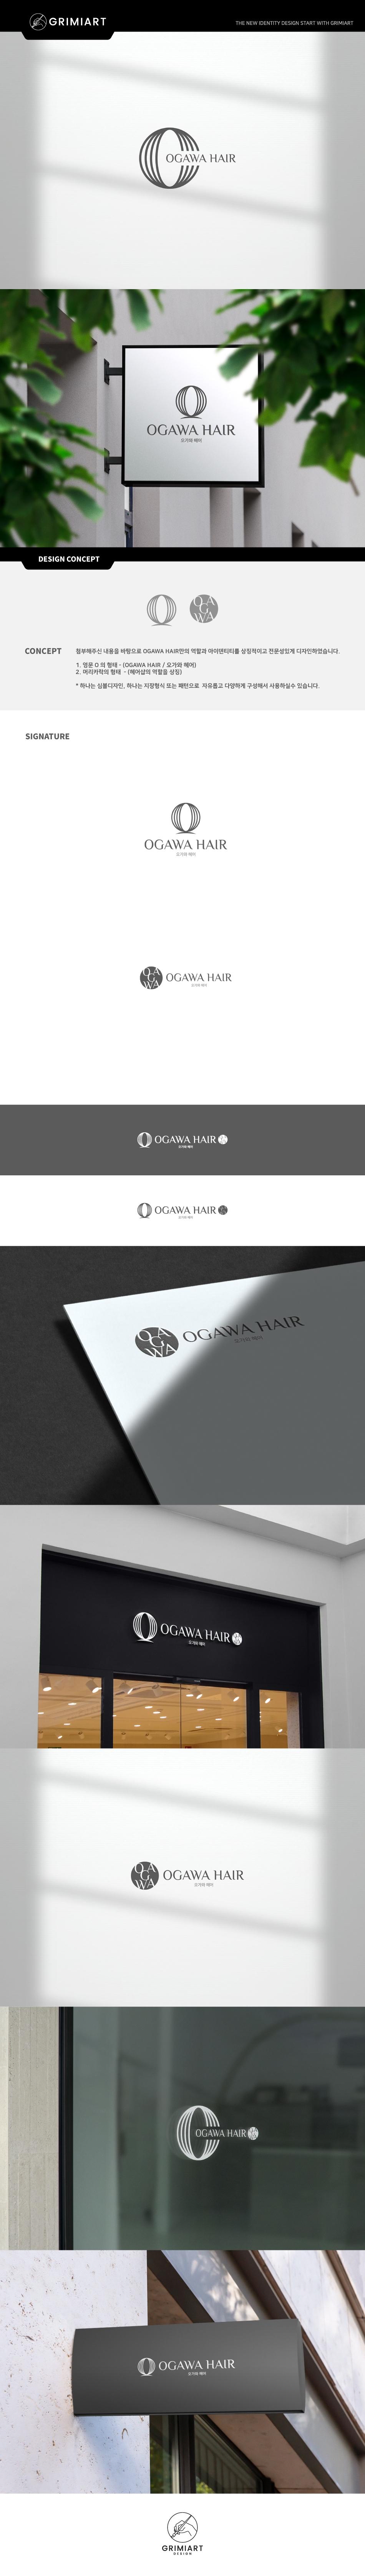 로고+간판 디자인 | 헤어샵 로고 간판 디자인 의뢰 | 라우드소싱 포트폴리오